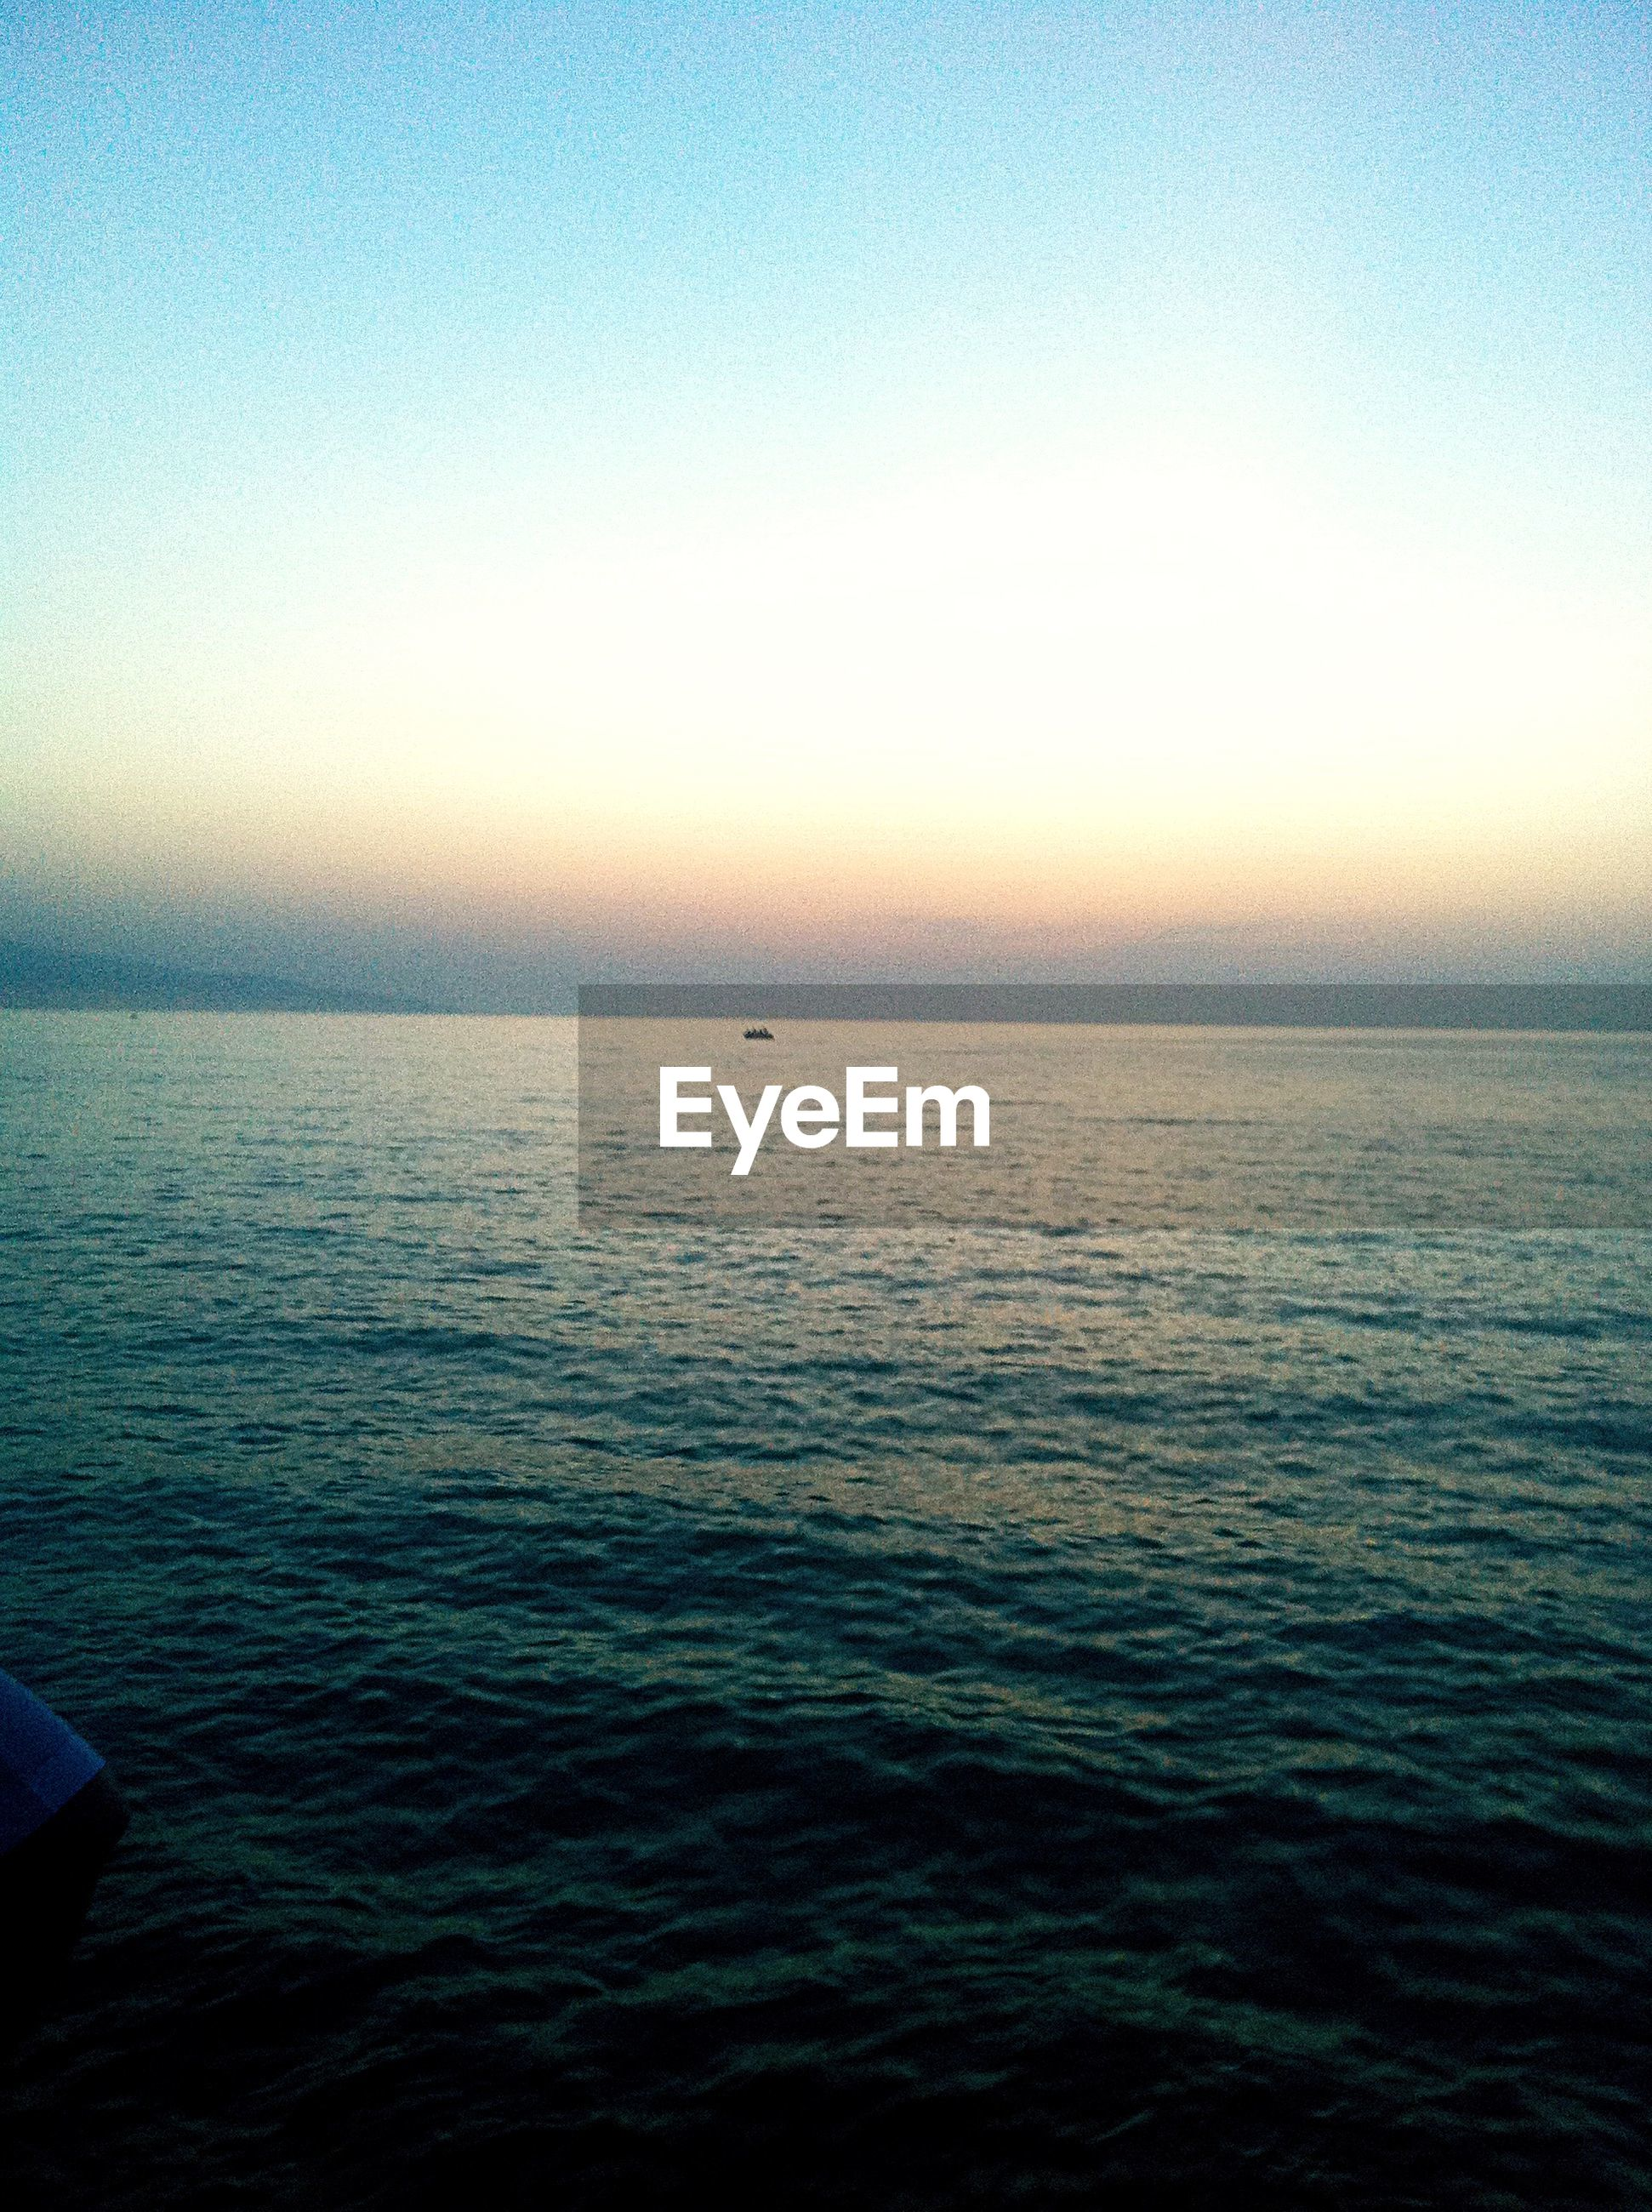 Rowboat in sea at dusk